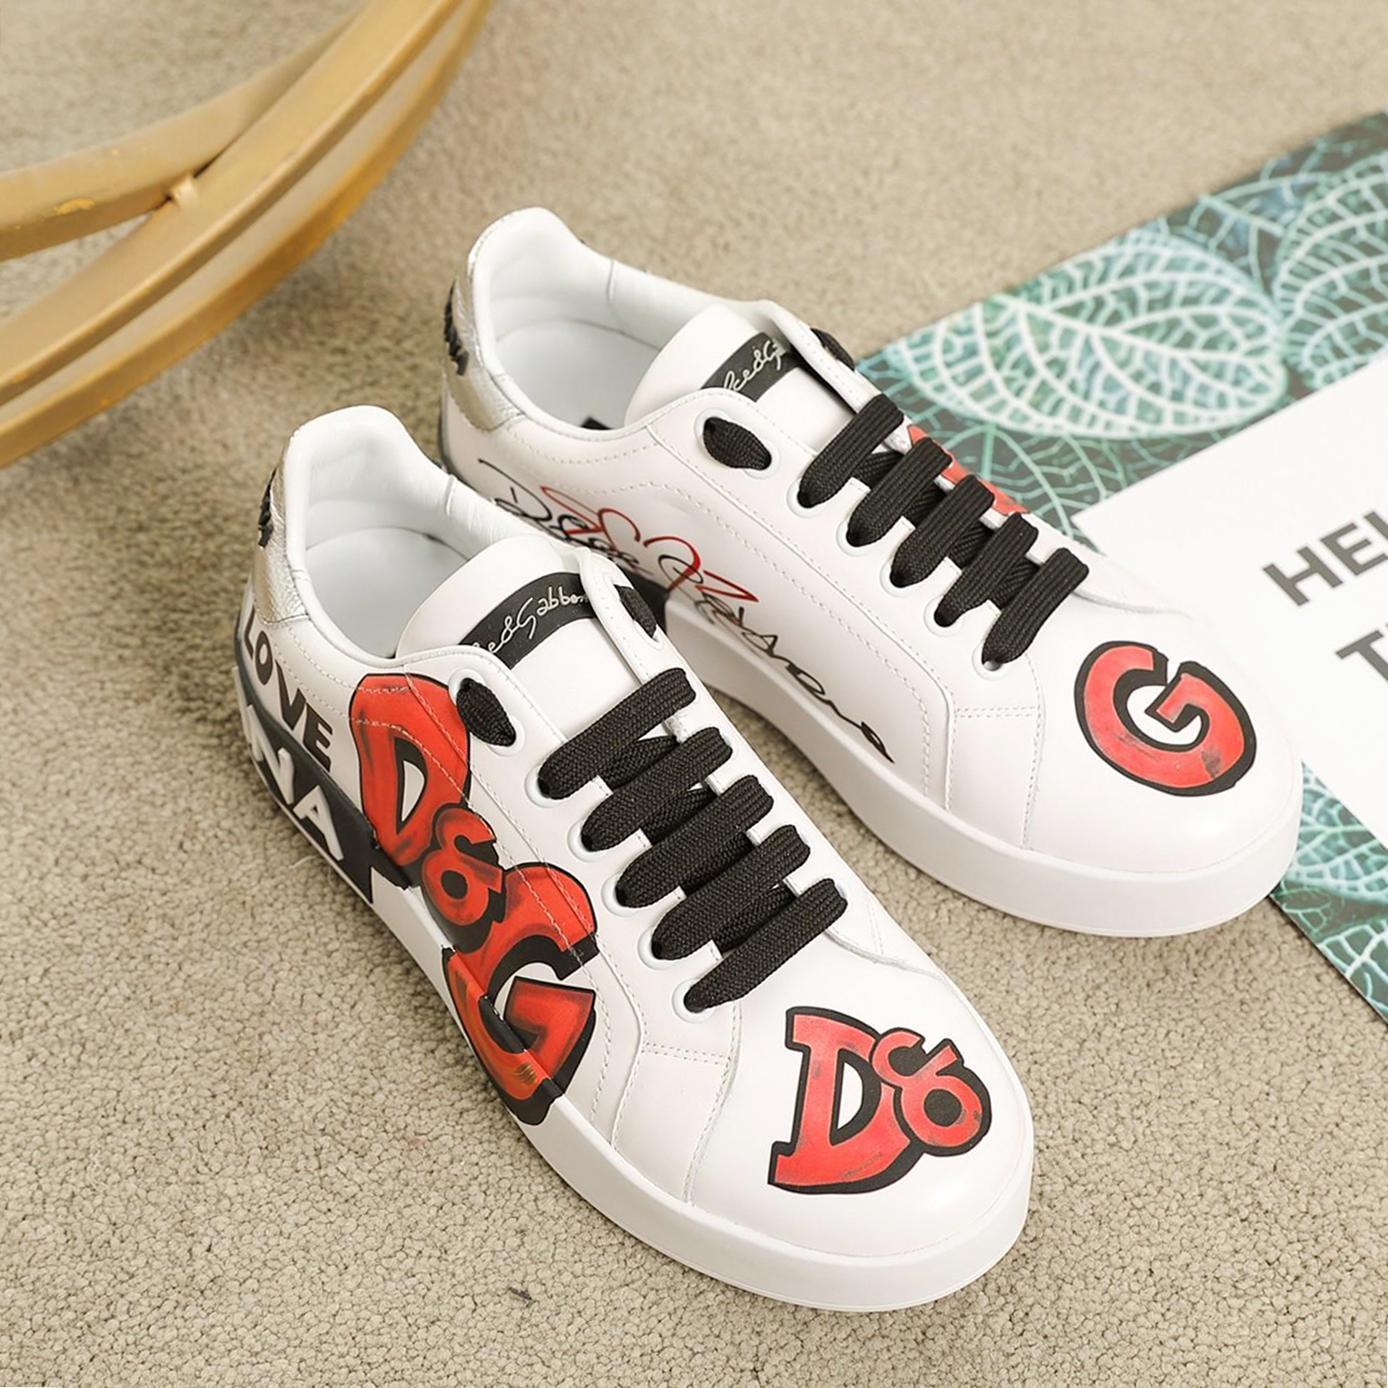 En iyi kalite Moda nakış Çift spor ayakkabı kişilik Yabani Platformlar Womens Casual spor ayakkabı, Baskı deseni iskarpin 0004